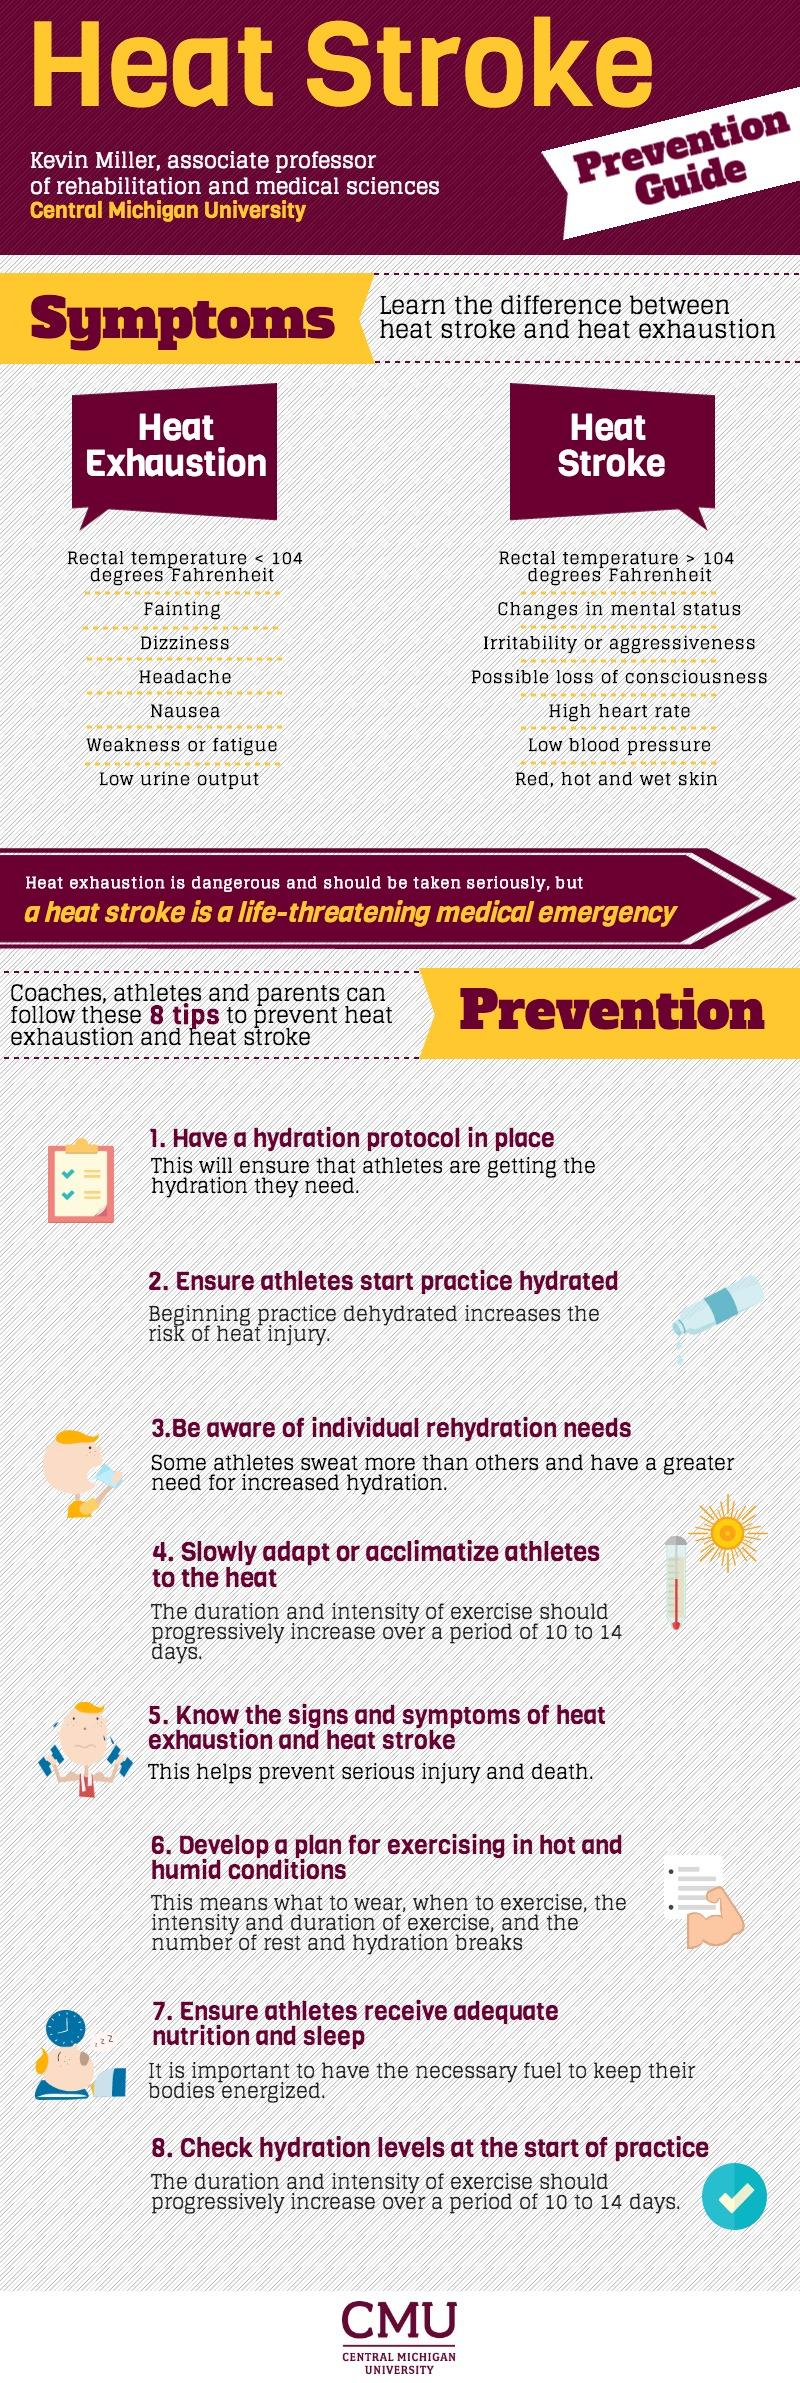 Heat Stroke Prevention Tips